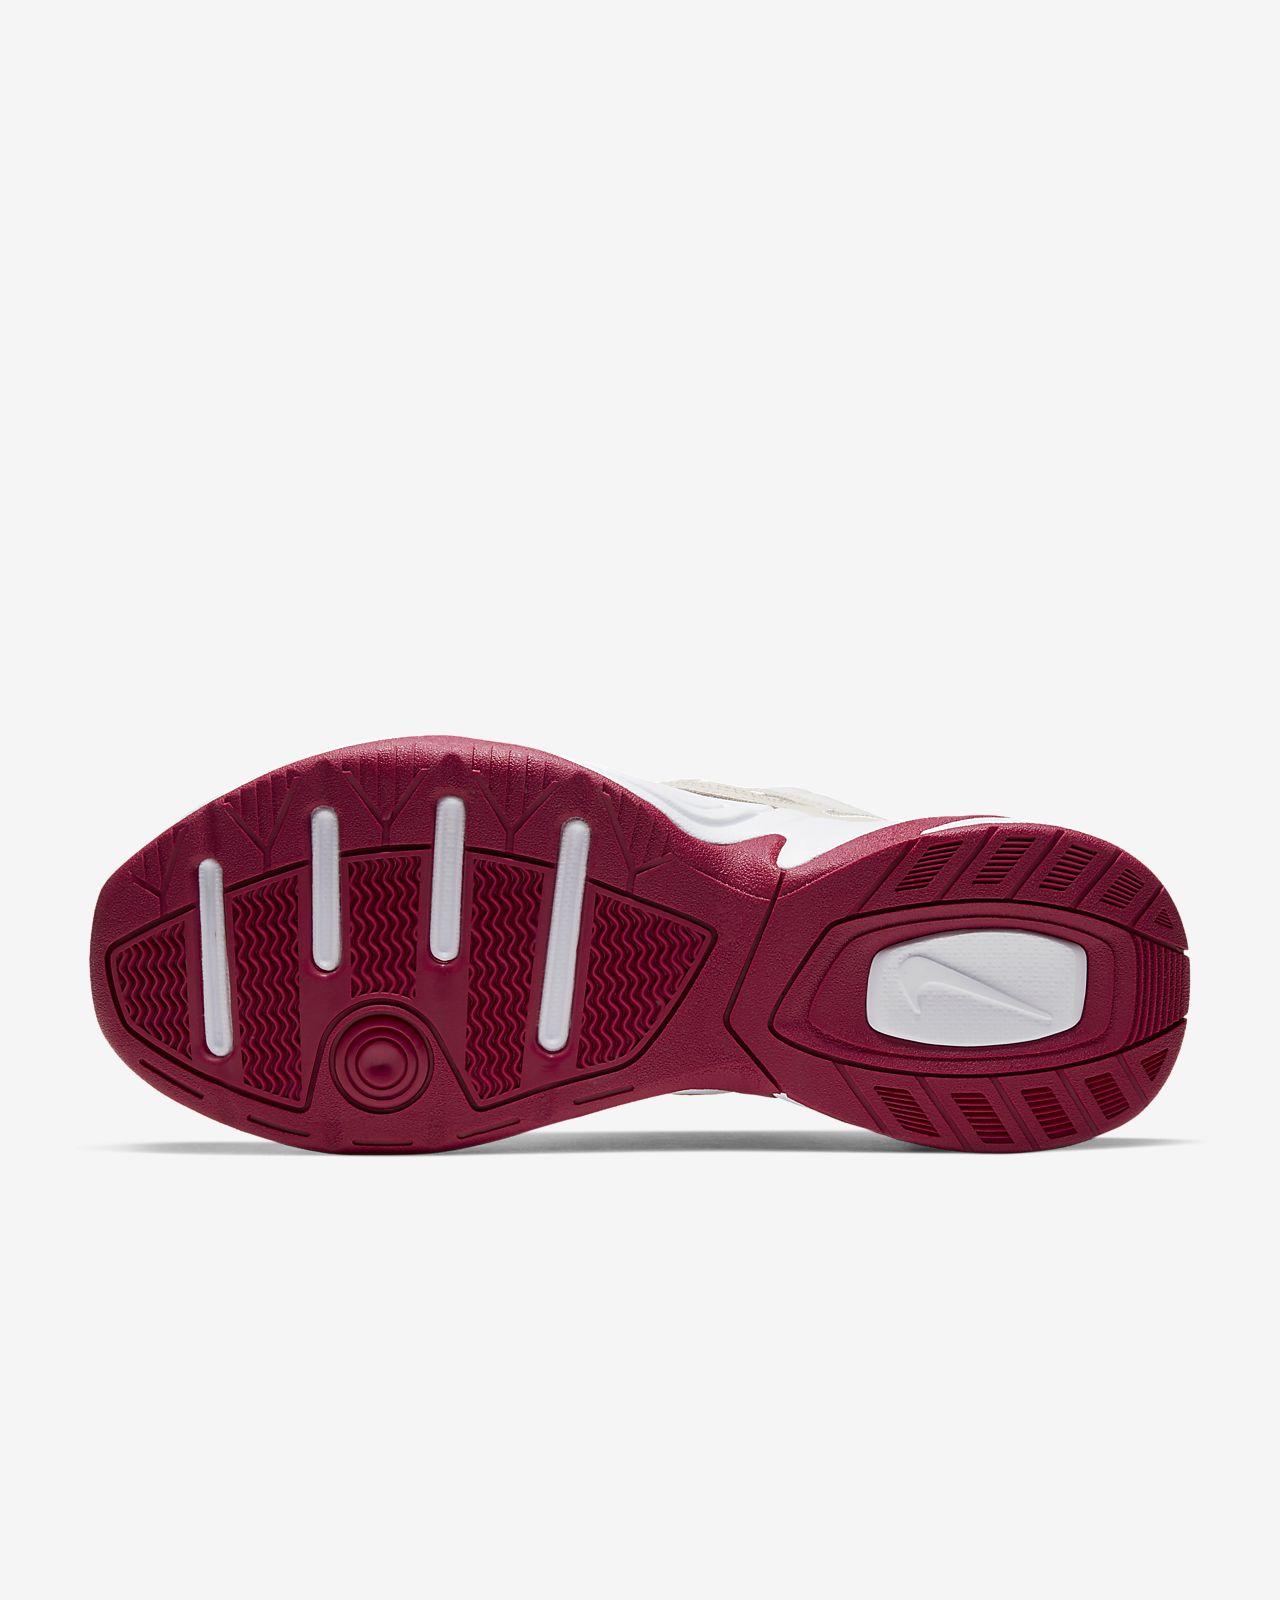 najwyższa jakość taniej jakość Buty Nike M2K Tekno